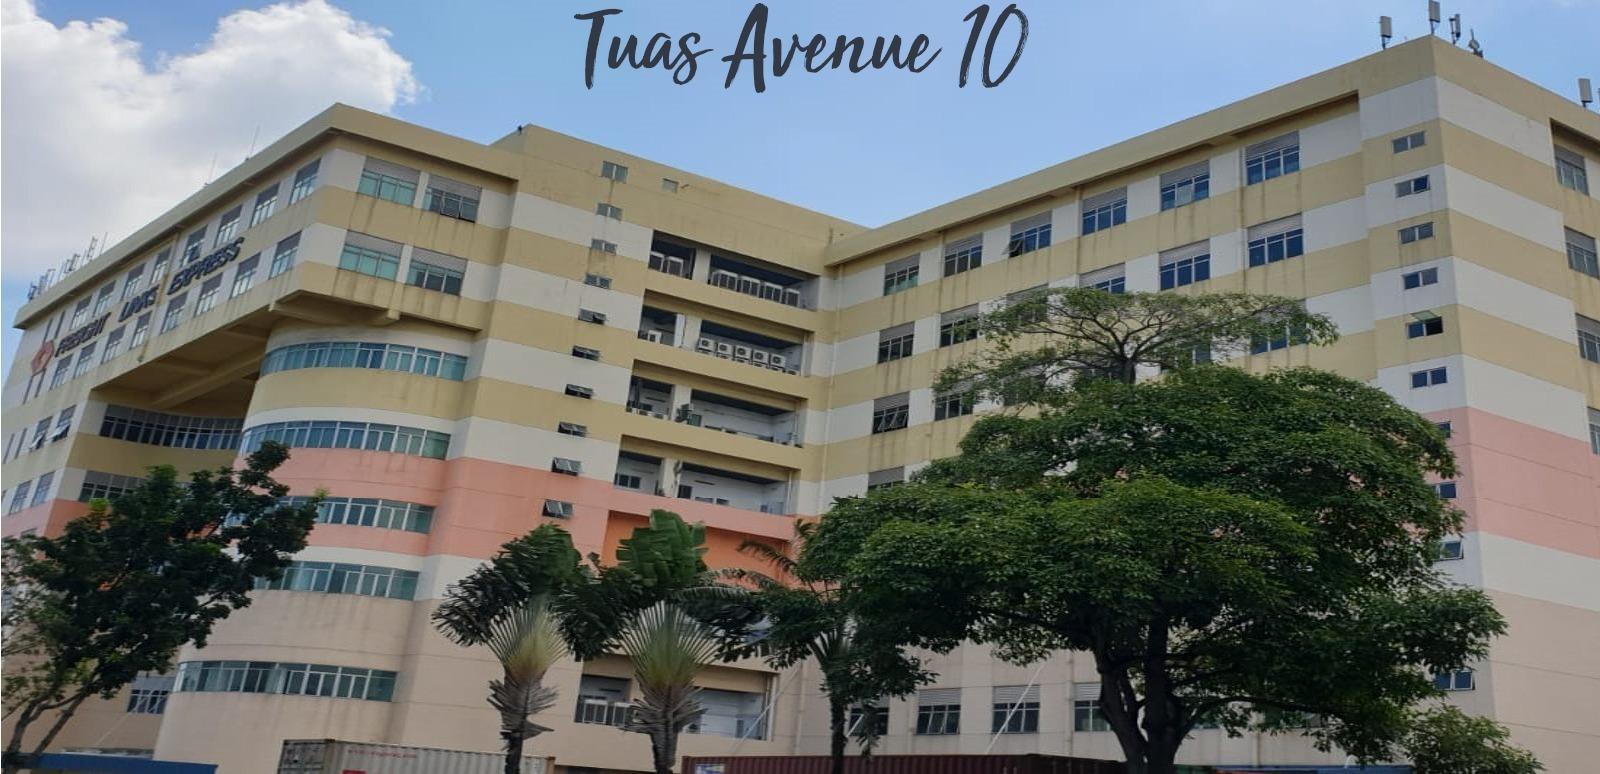 30 Tuas Ave 10, Singapore